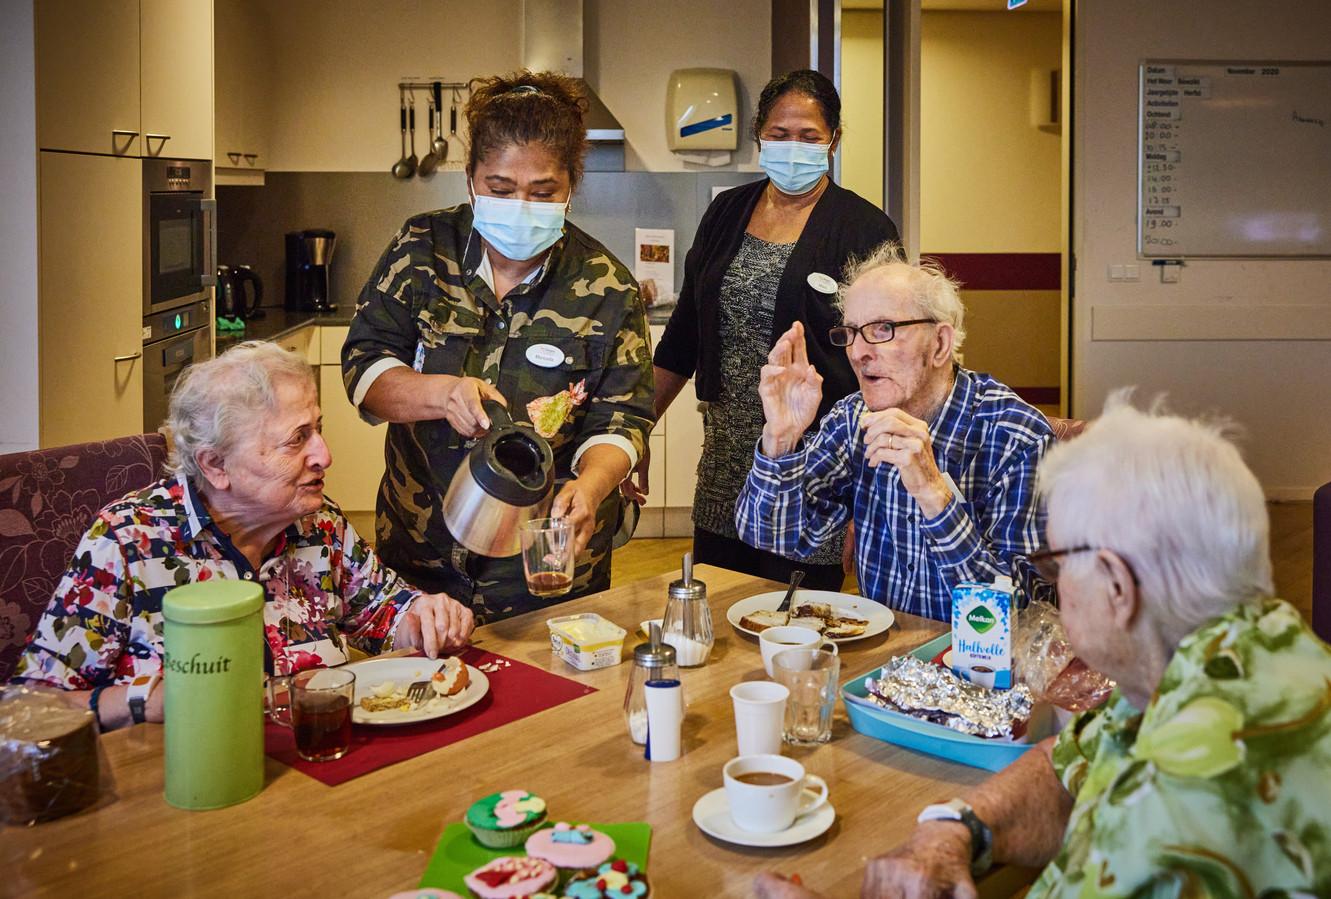 Maricella en Mala werken bij Van der Valk Blijdorp. Nu springen ze tijdelijk bij als gastvrouw in verpleeghuis DrieMaasStede in Schiedam, zodat het zorgpersoneel zich meer kan focussen op de zorg.